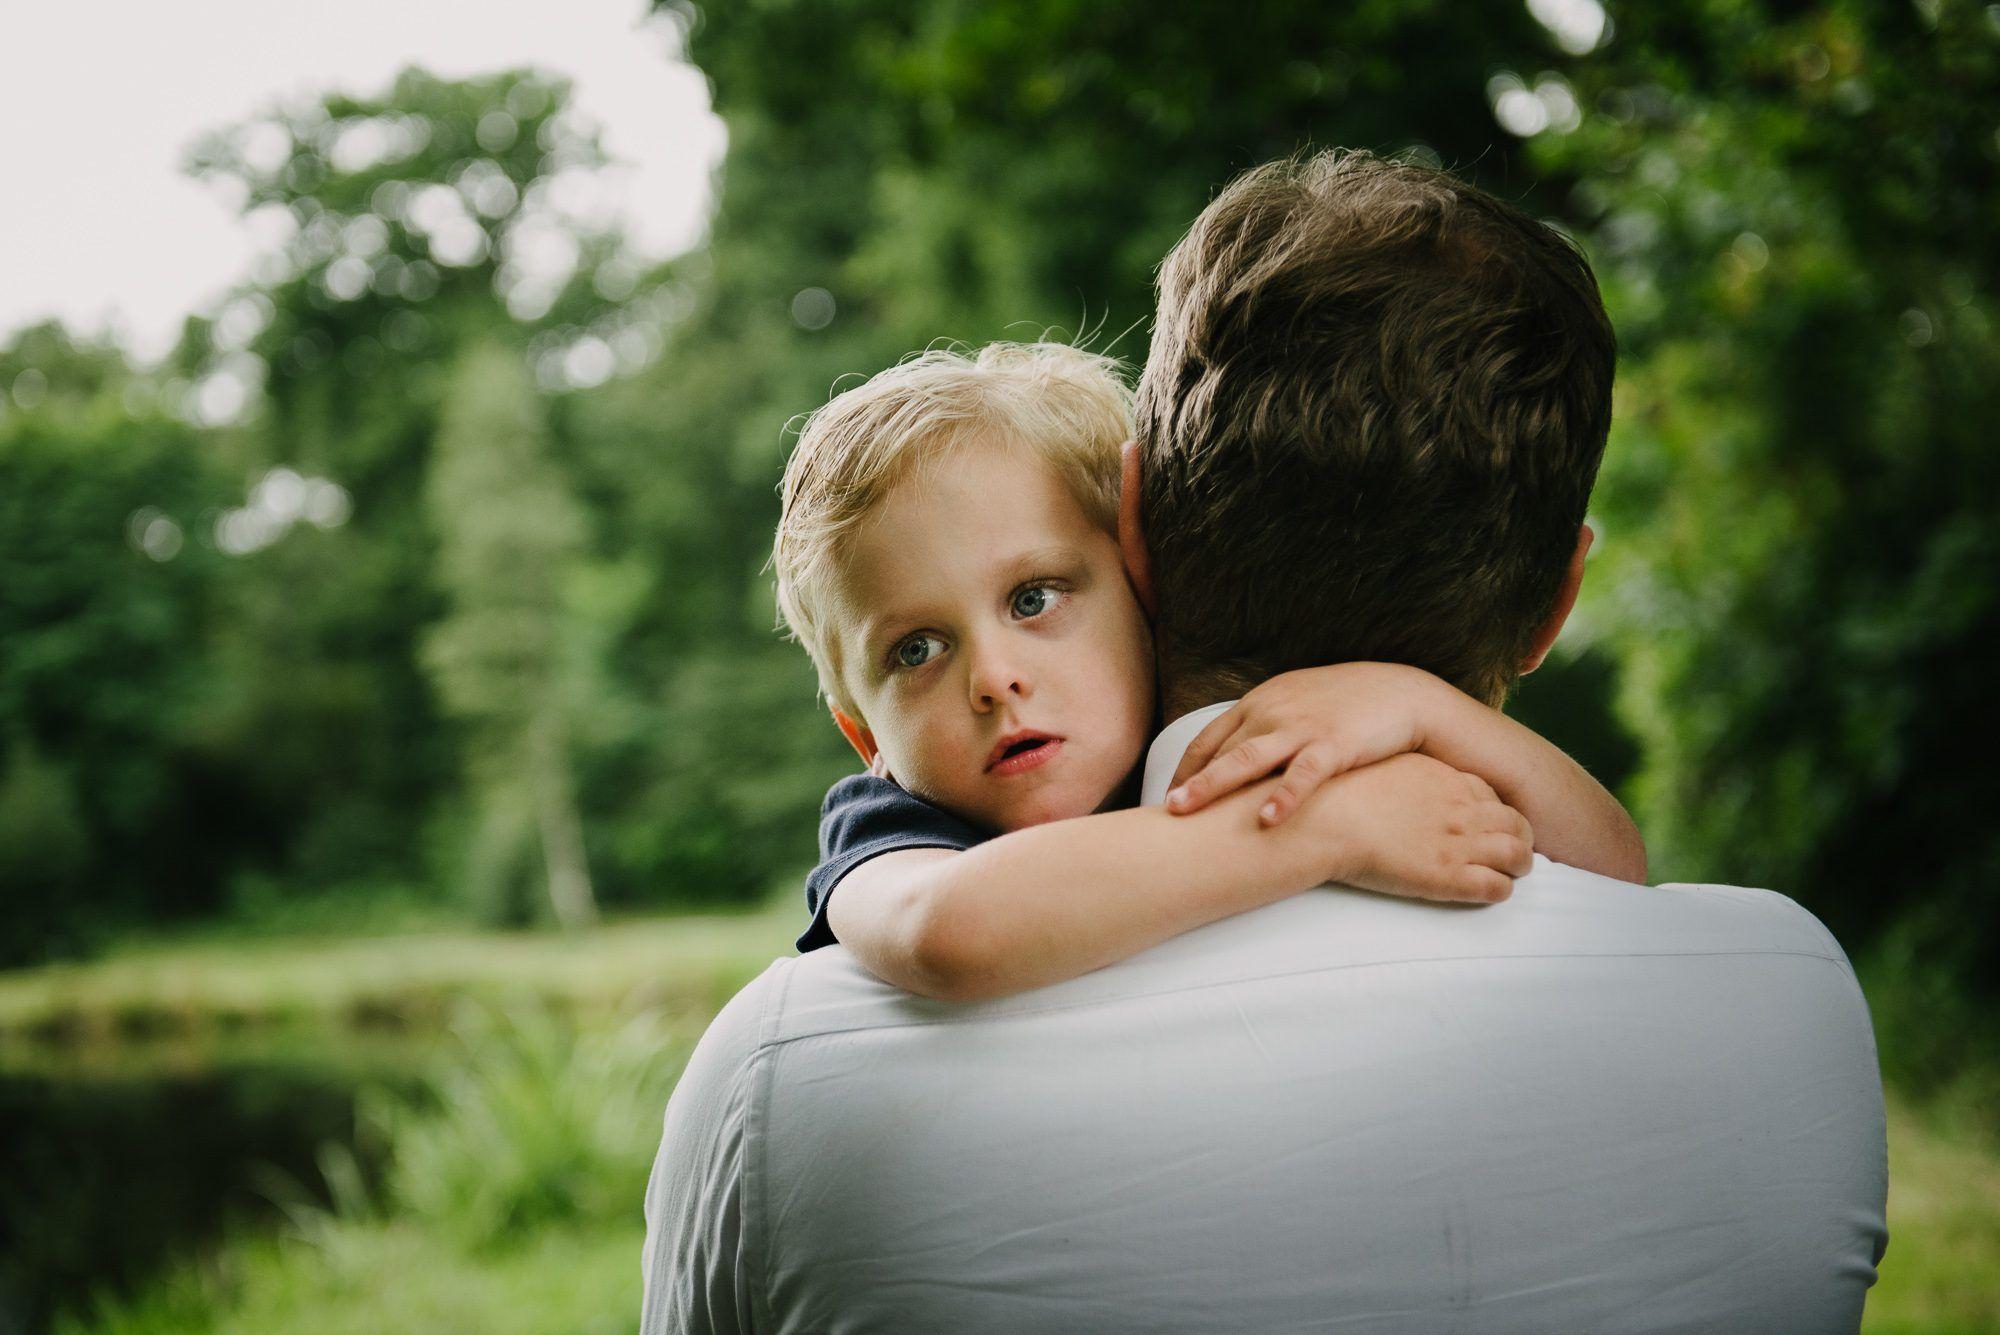 fotoshoot met kinderen buitenlocatie